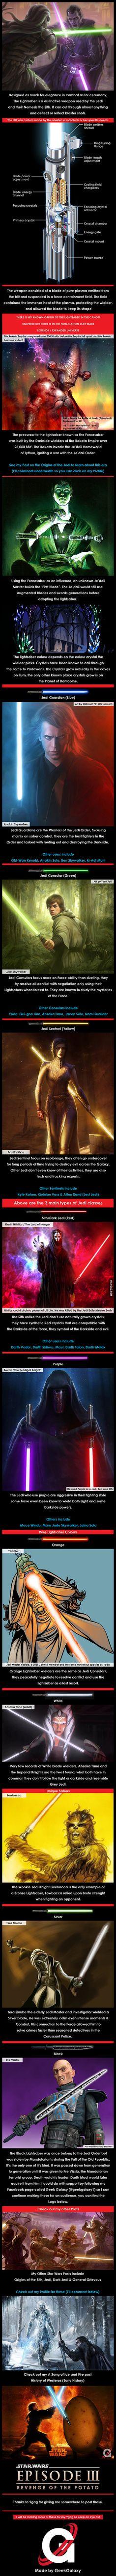 Star Wars: Lightsaber (Colours & Meanings) - 9GAG